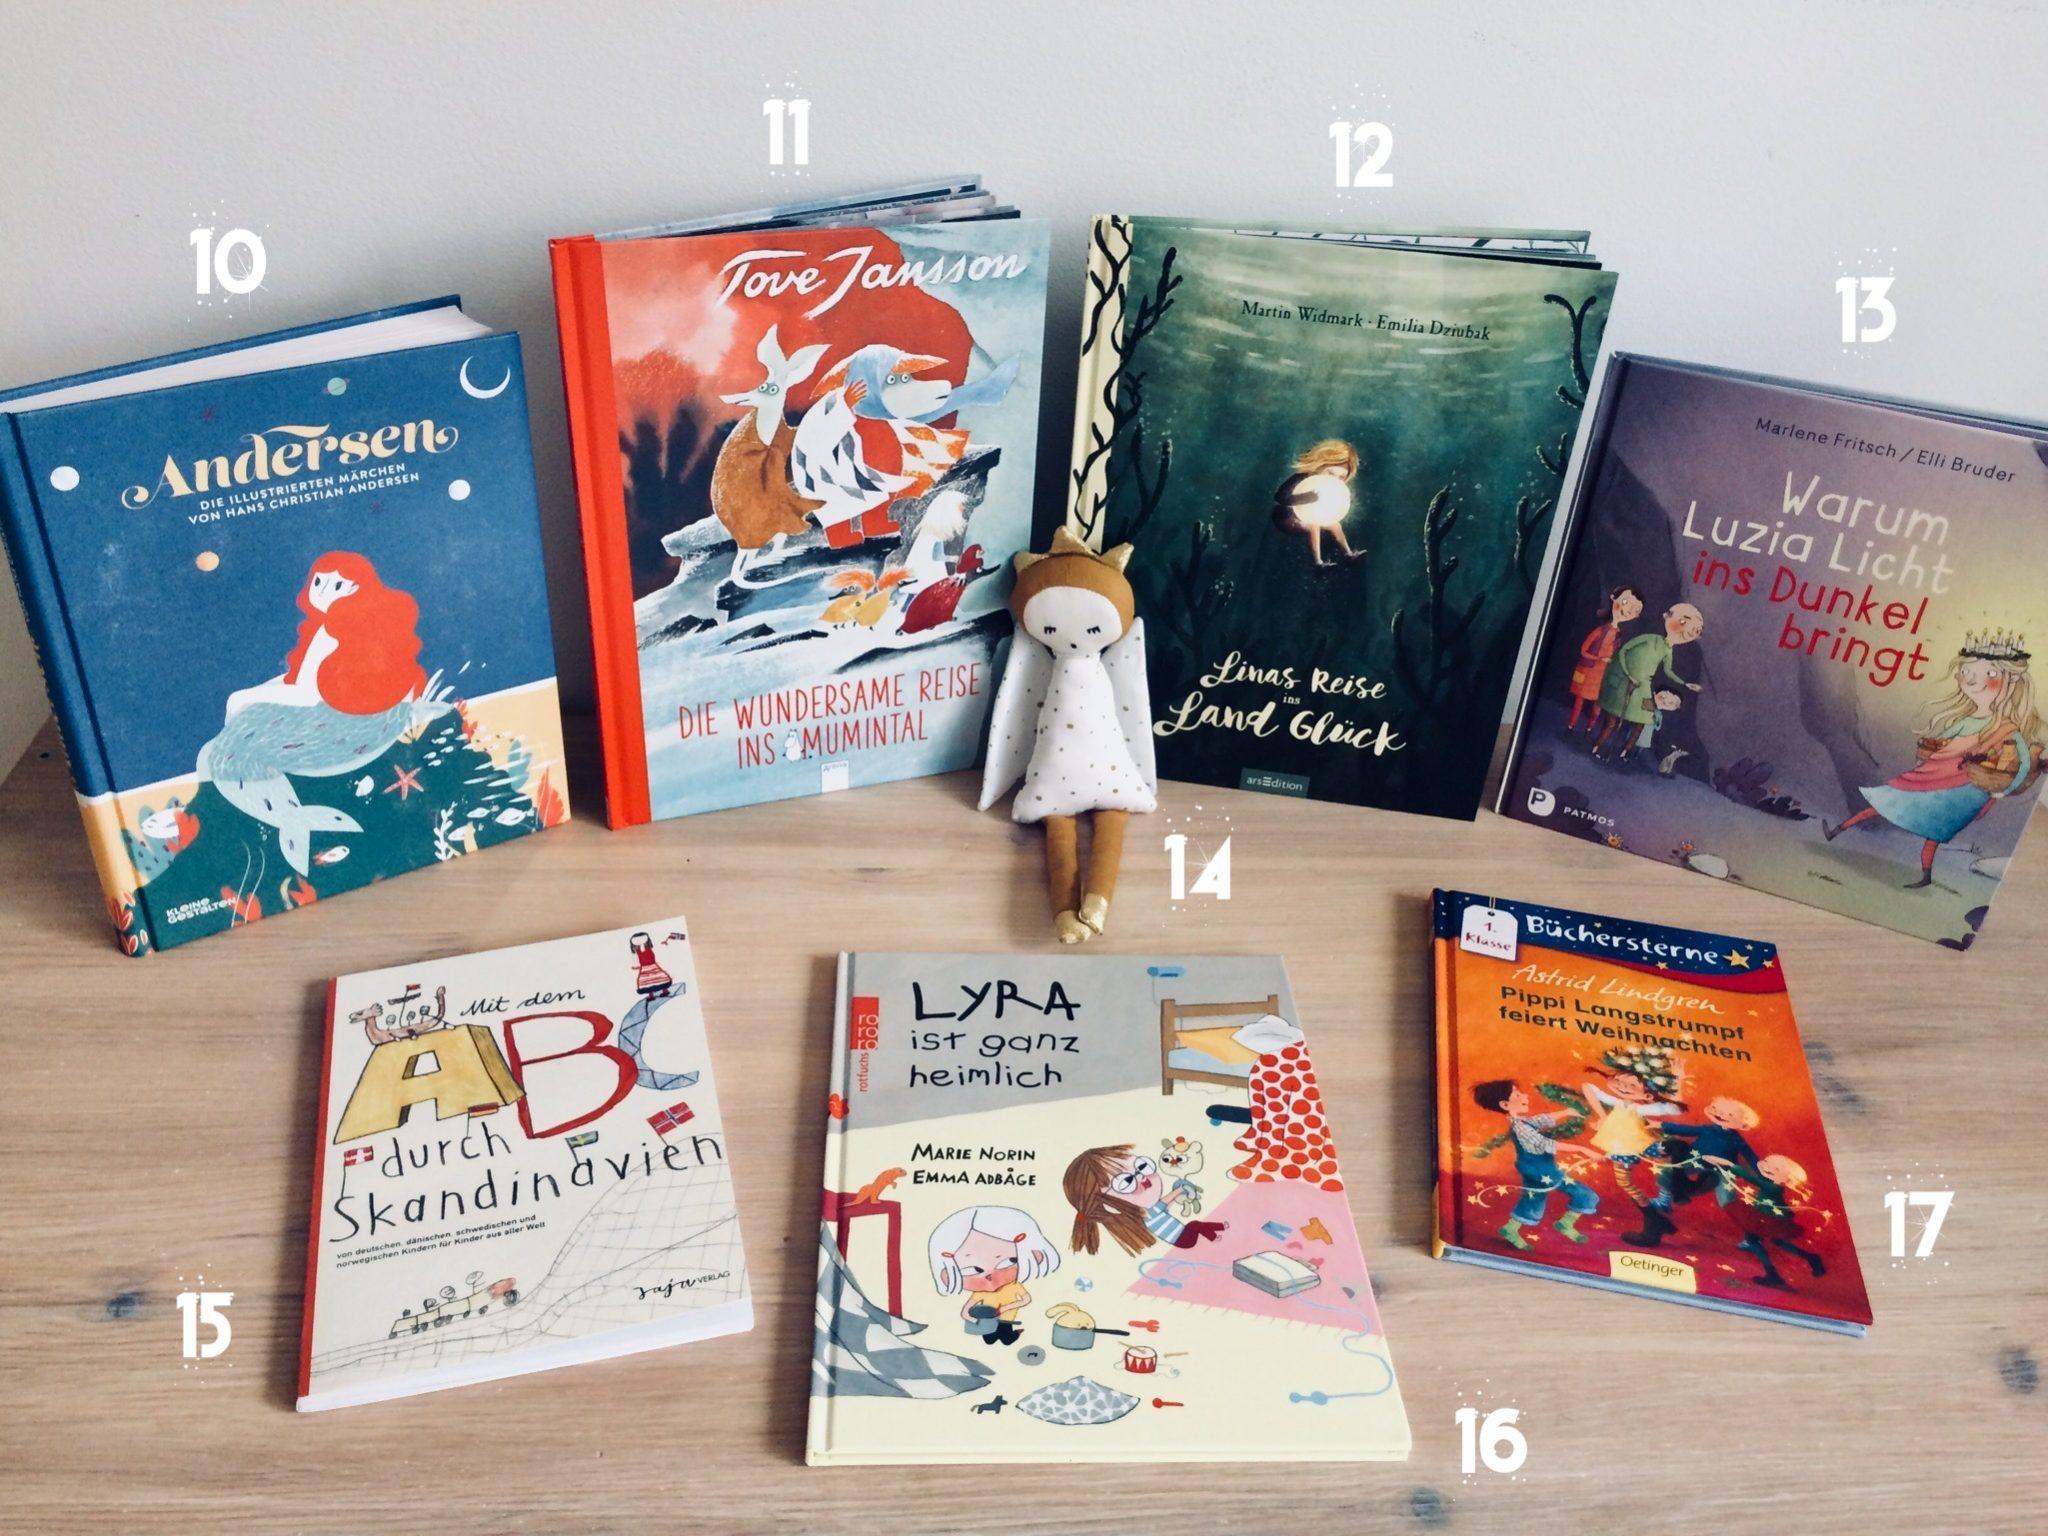 Kinderbücher Weihnachten.Gutes Für Weihnachten Kinderbücher Aus Dem Hohen Norden Biorama